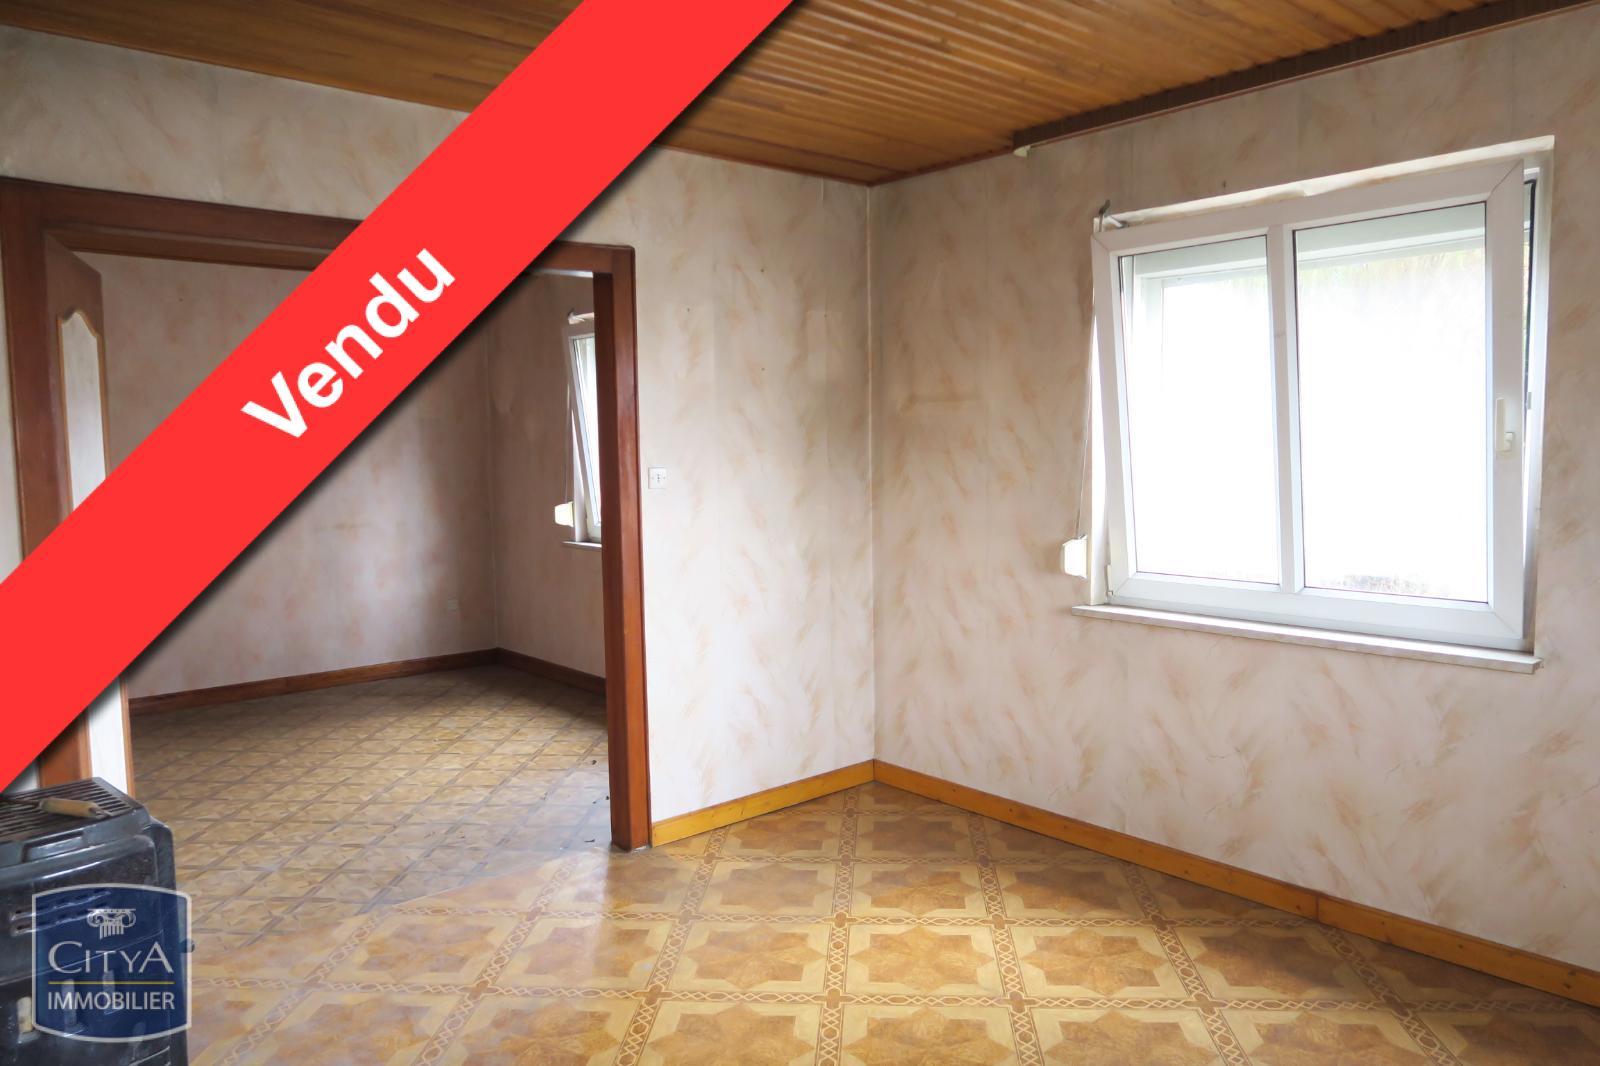 Maison/villa 100 m²